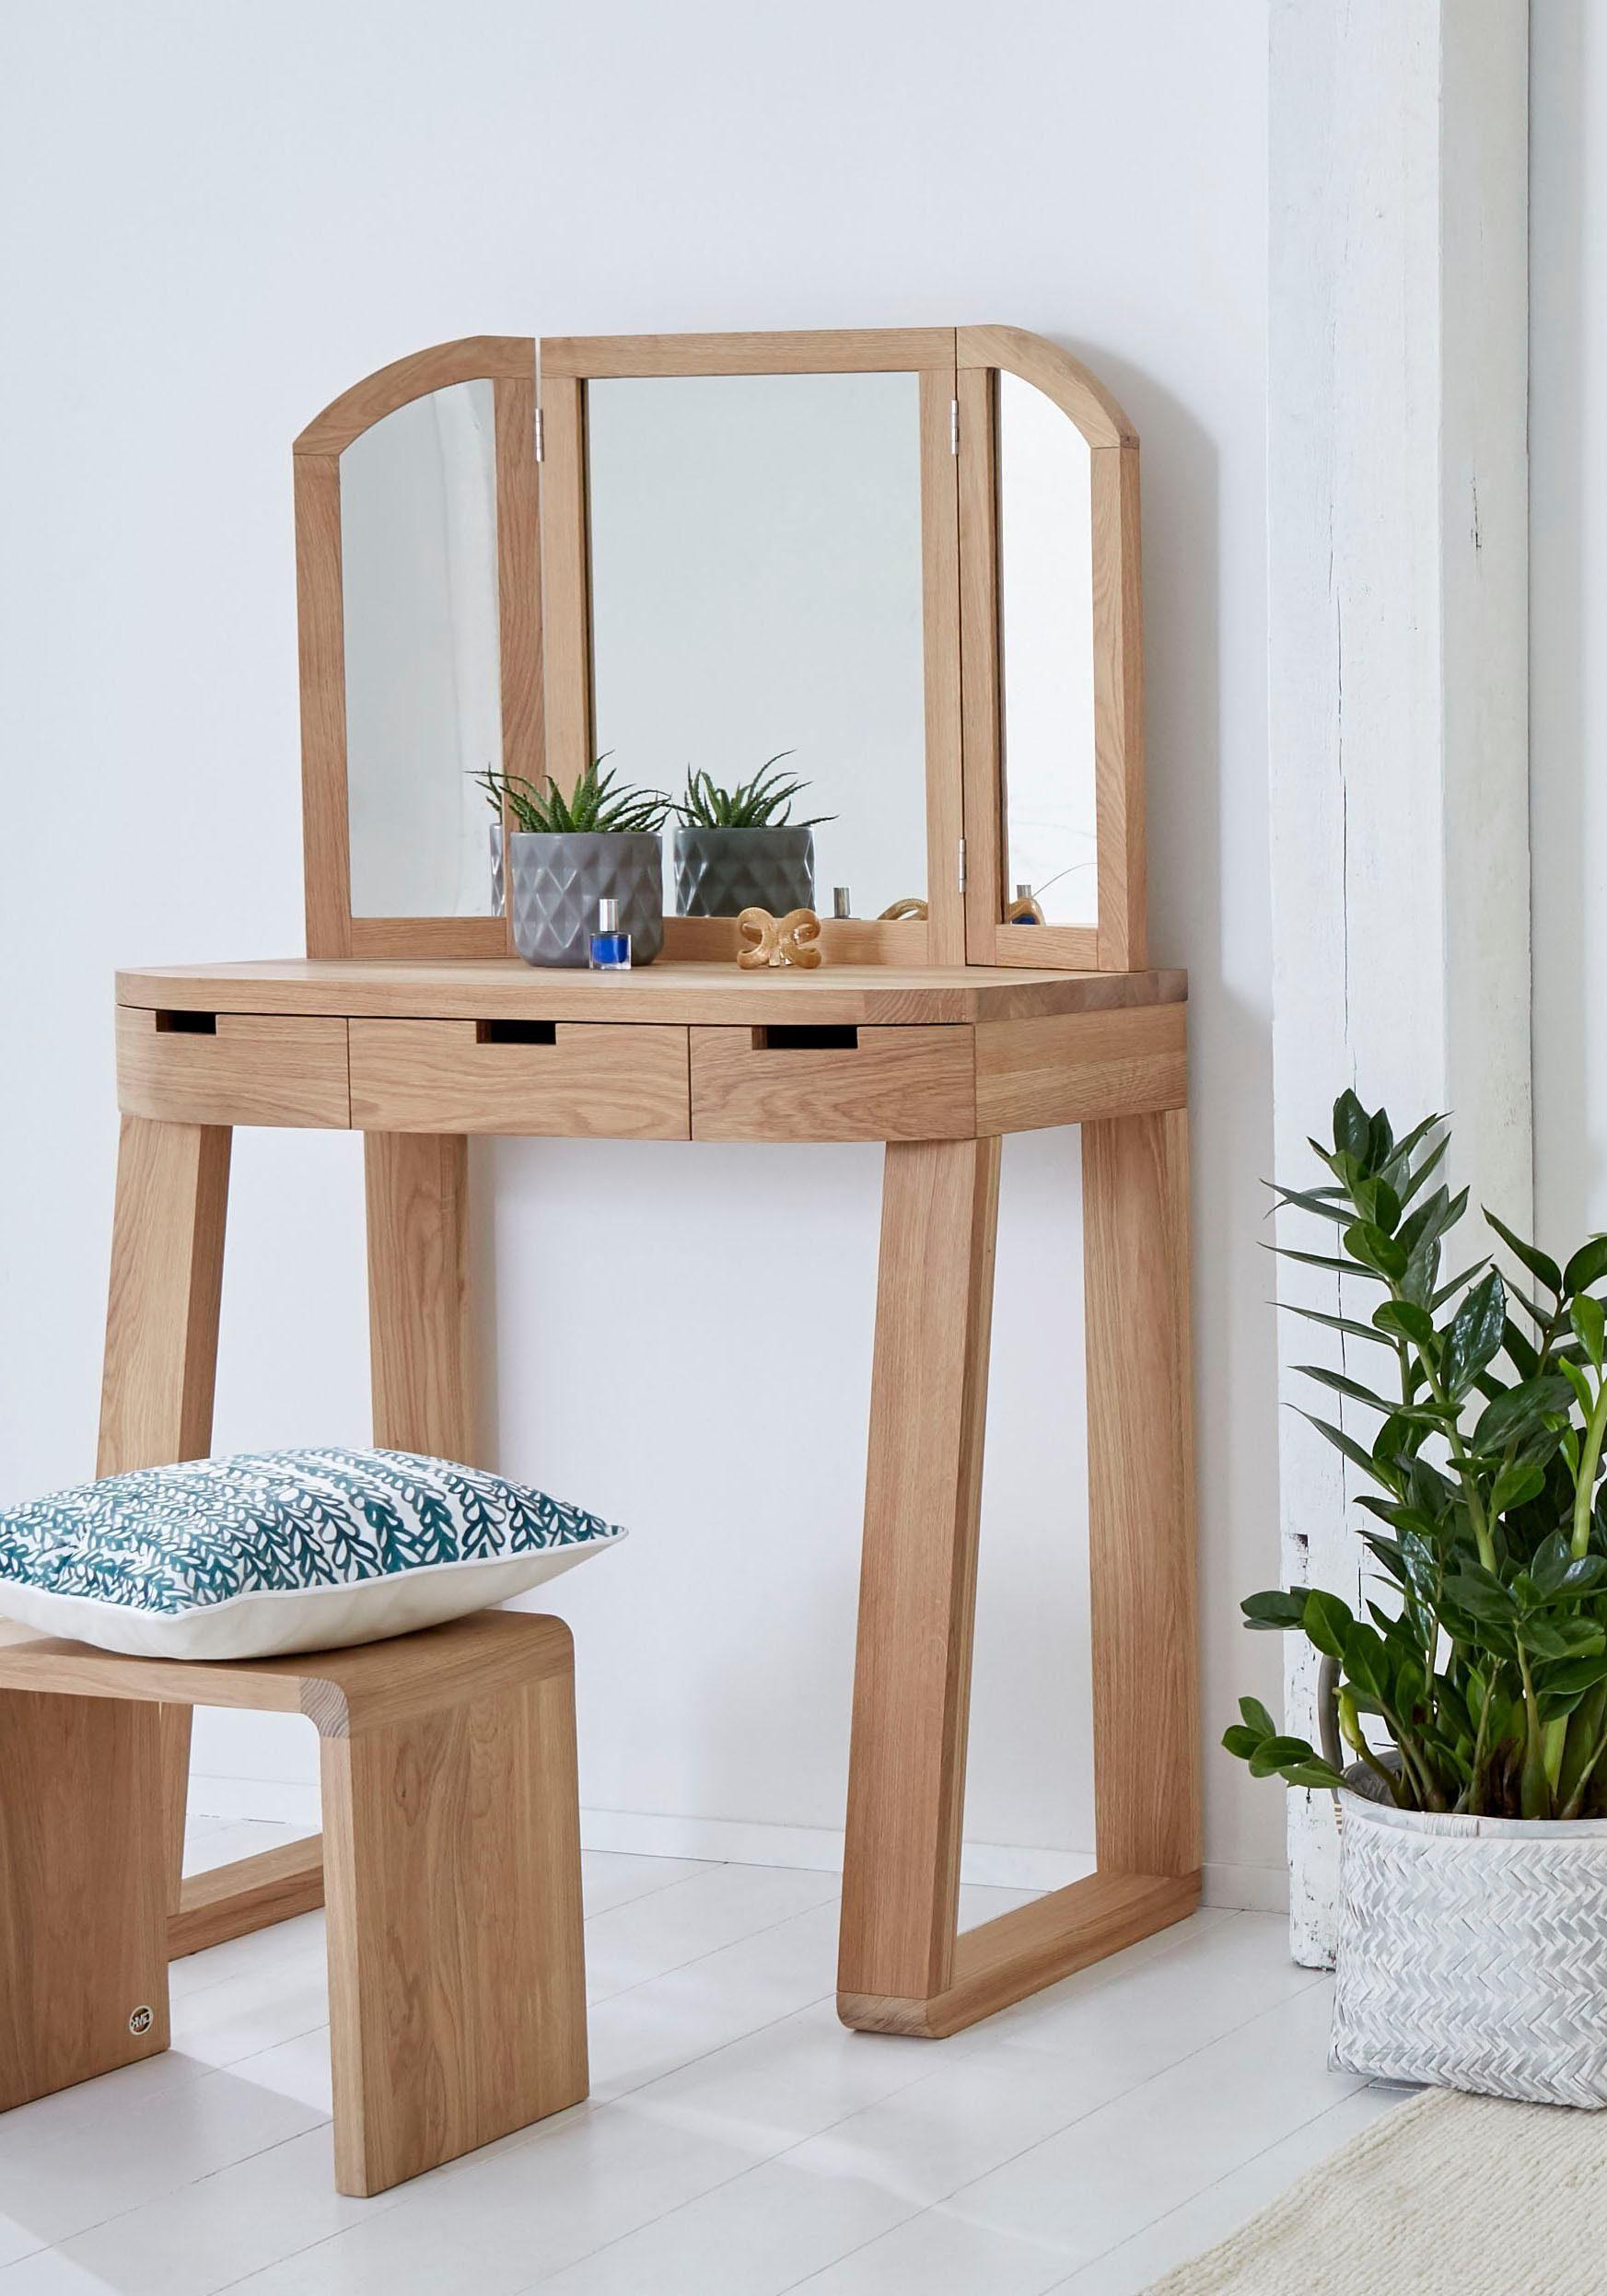 GMK Home & Living Schminktisch «Janno», aus massiver Eiche, Breite 90 cm